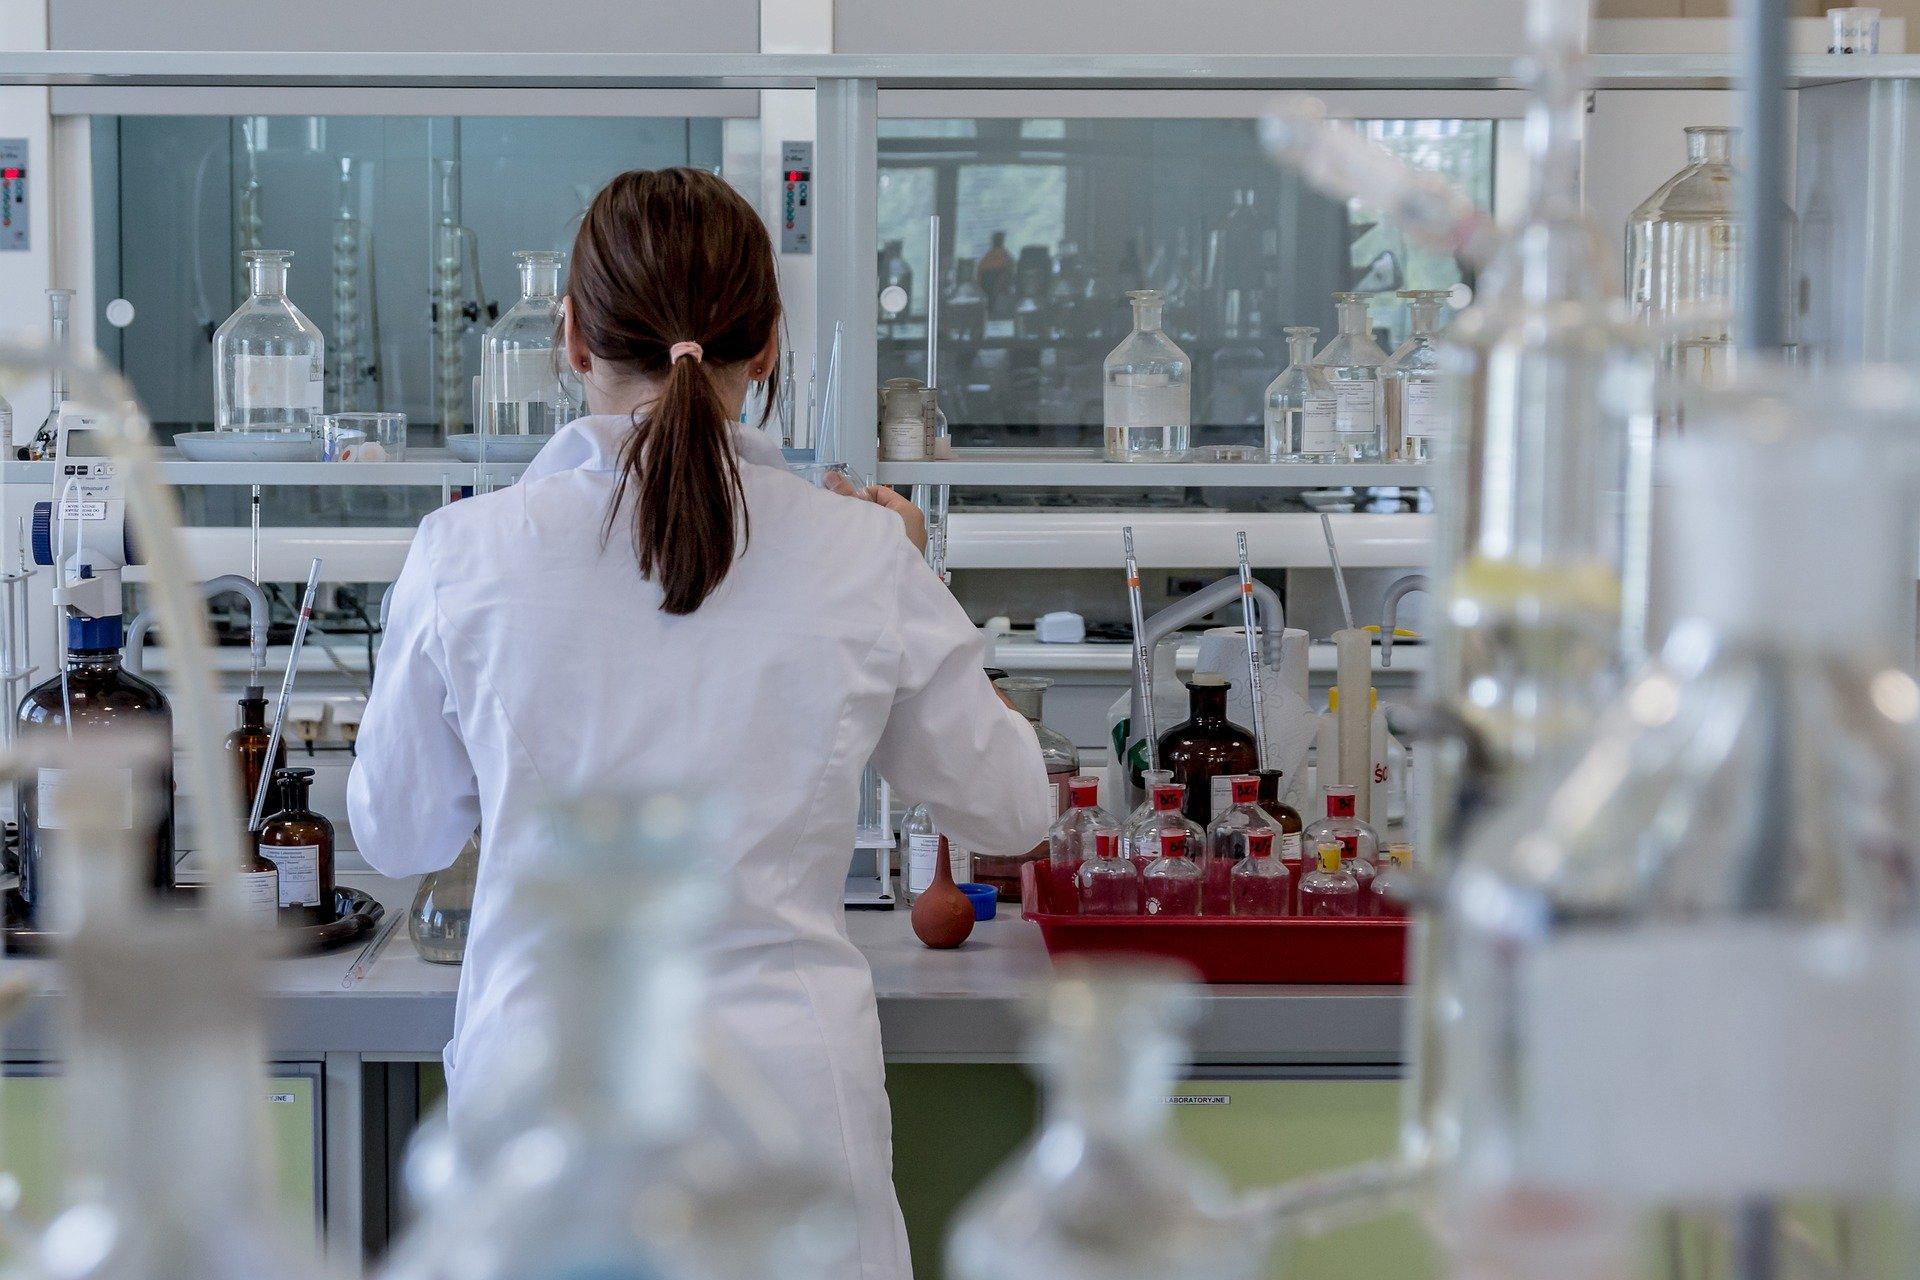 La Comisión aumenta la financiación de la investigación con 120 millones de euros destinados a once nuevos proyectos para luchar contra el virus y sus variantes